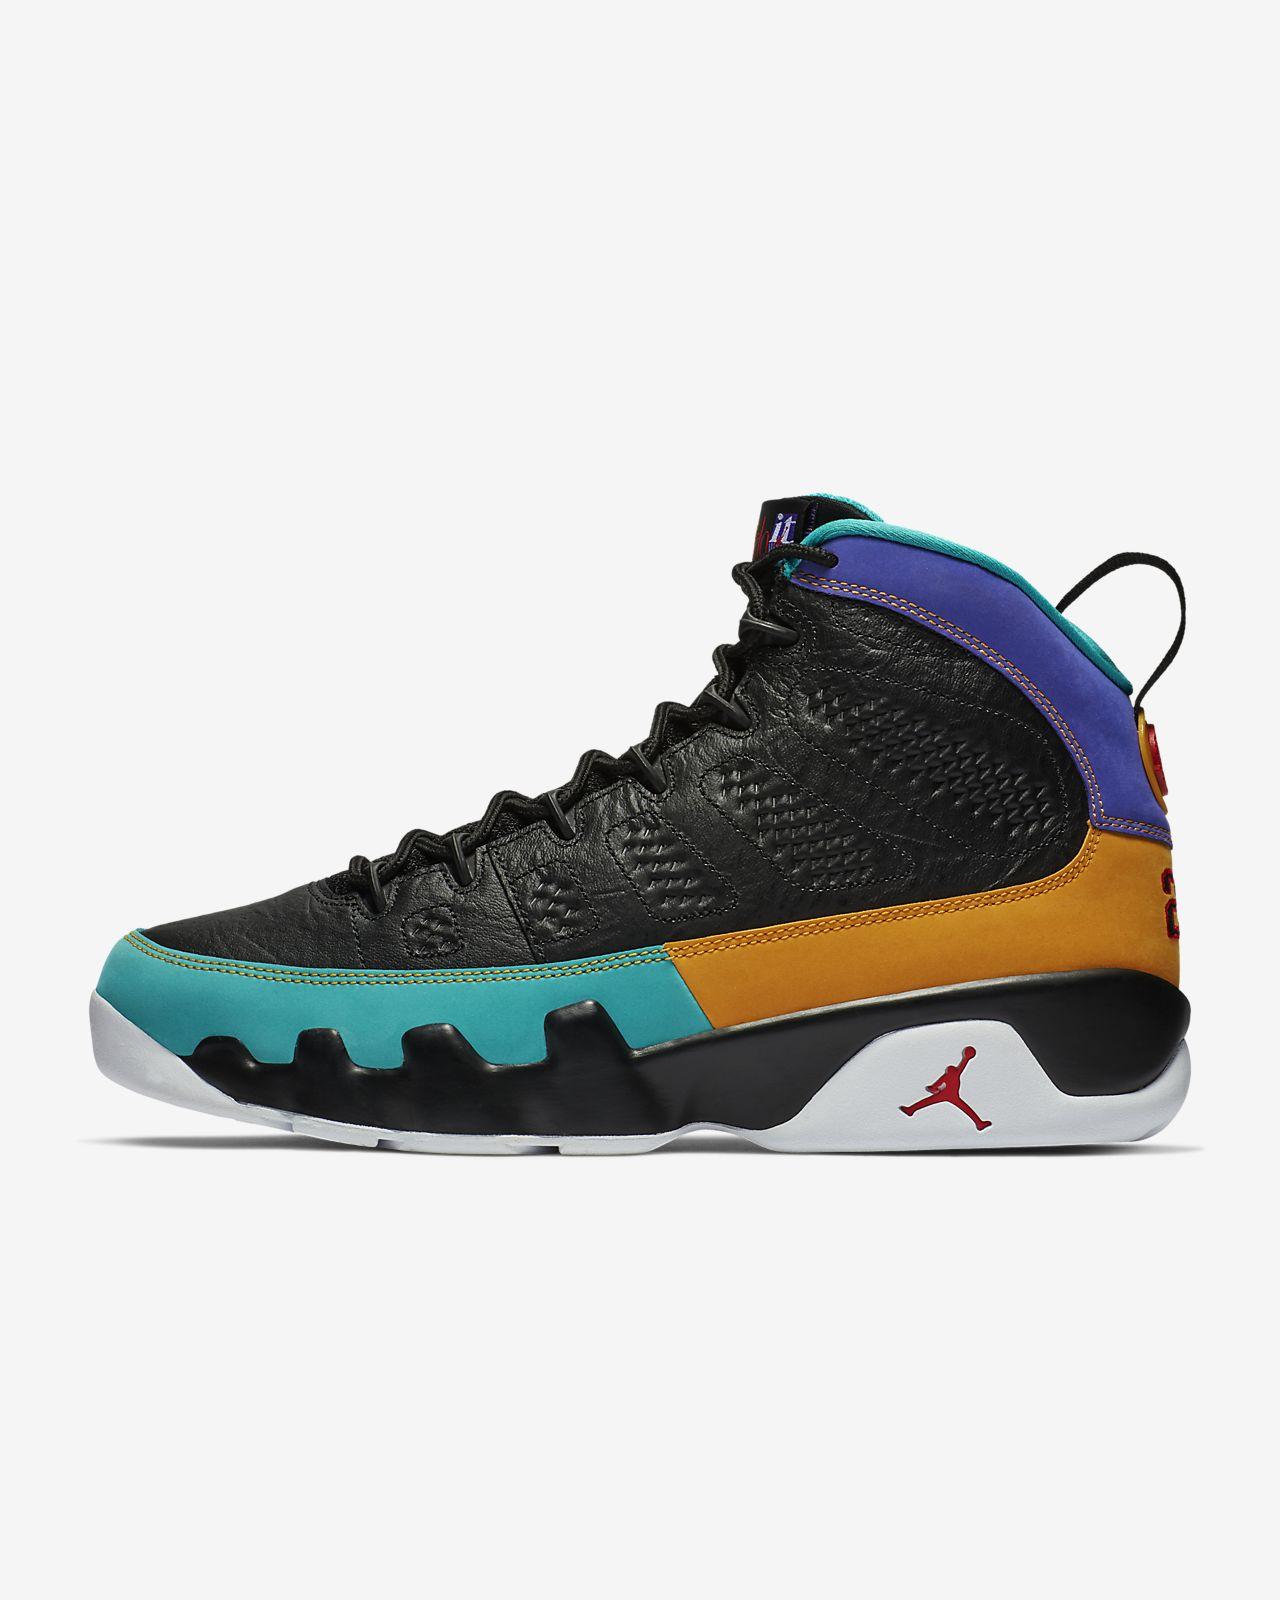 0461912ac56 Air Jordan 9 Retro Men's Shoe. Nike.com IN